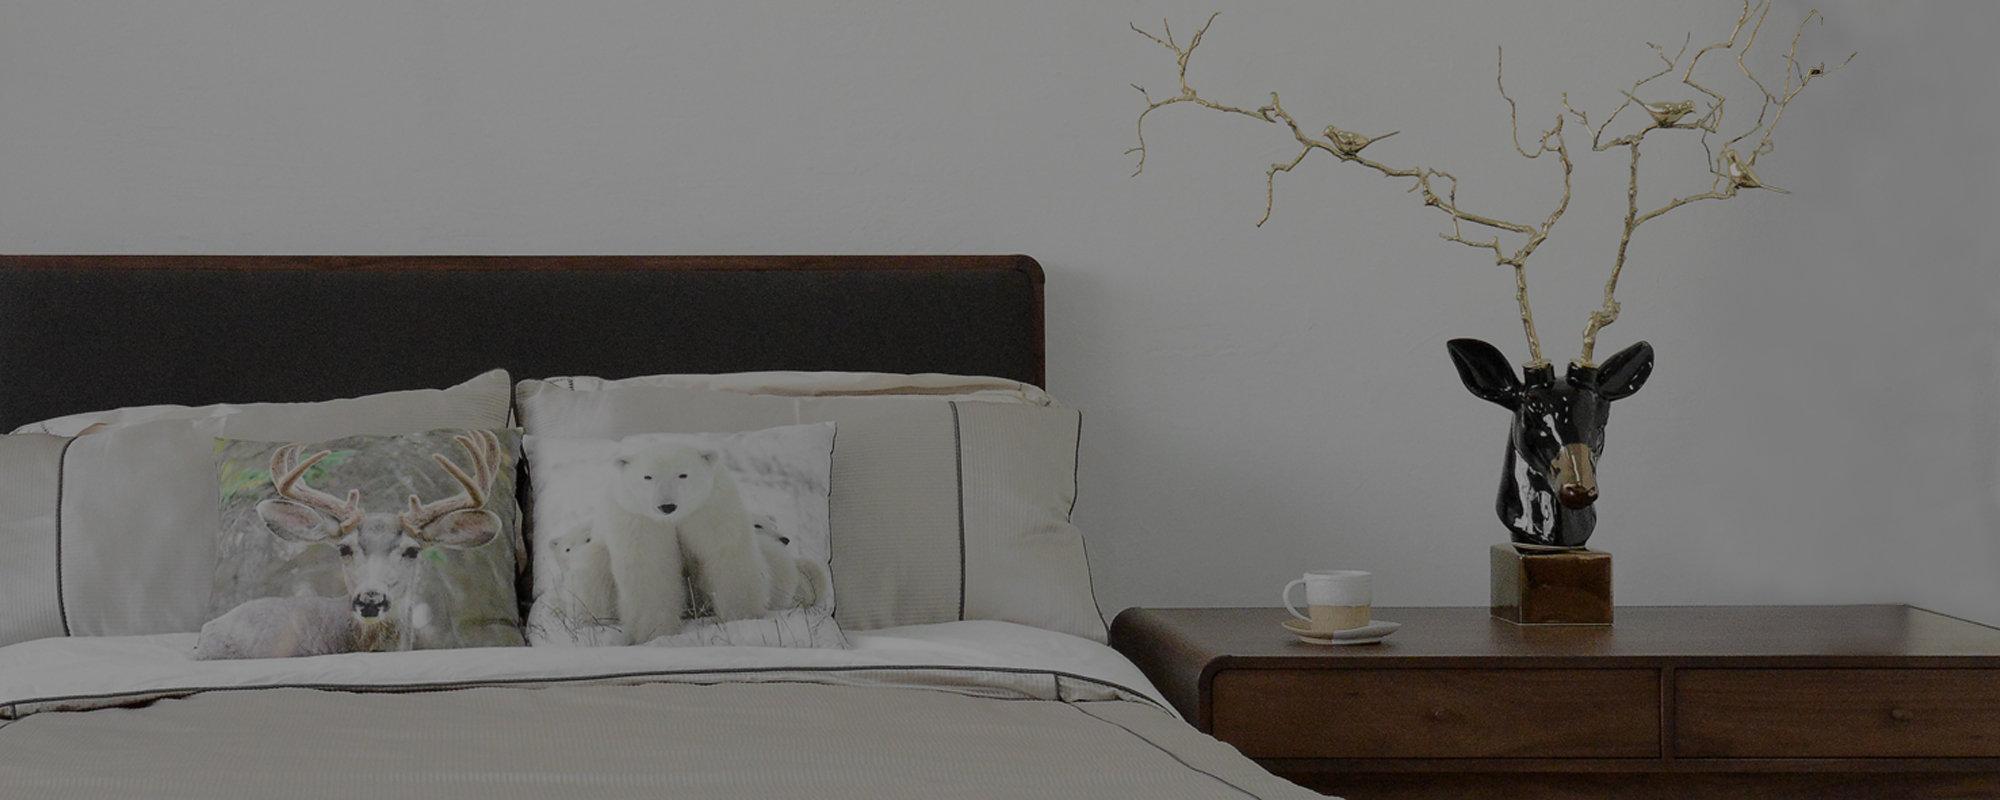 Beds & Nightstands.jpg